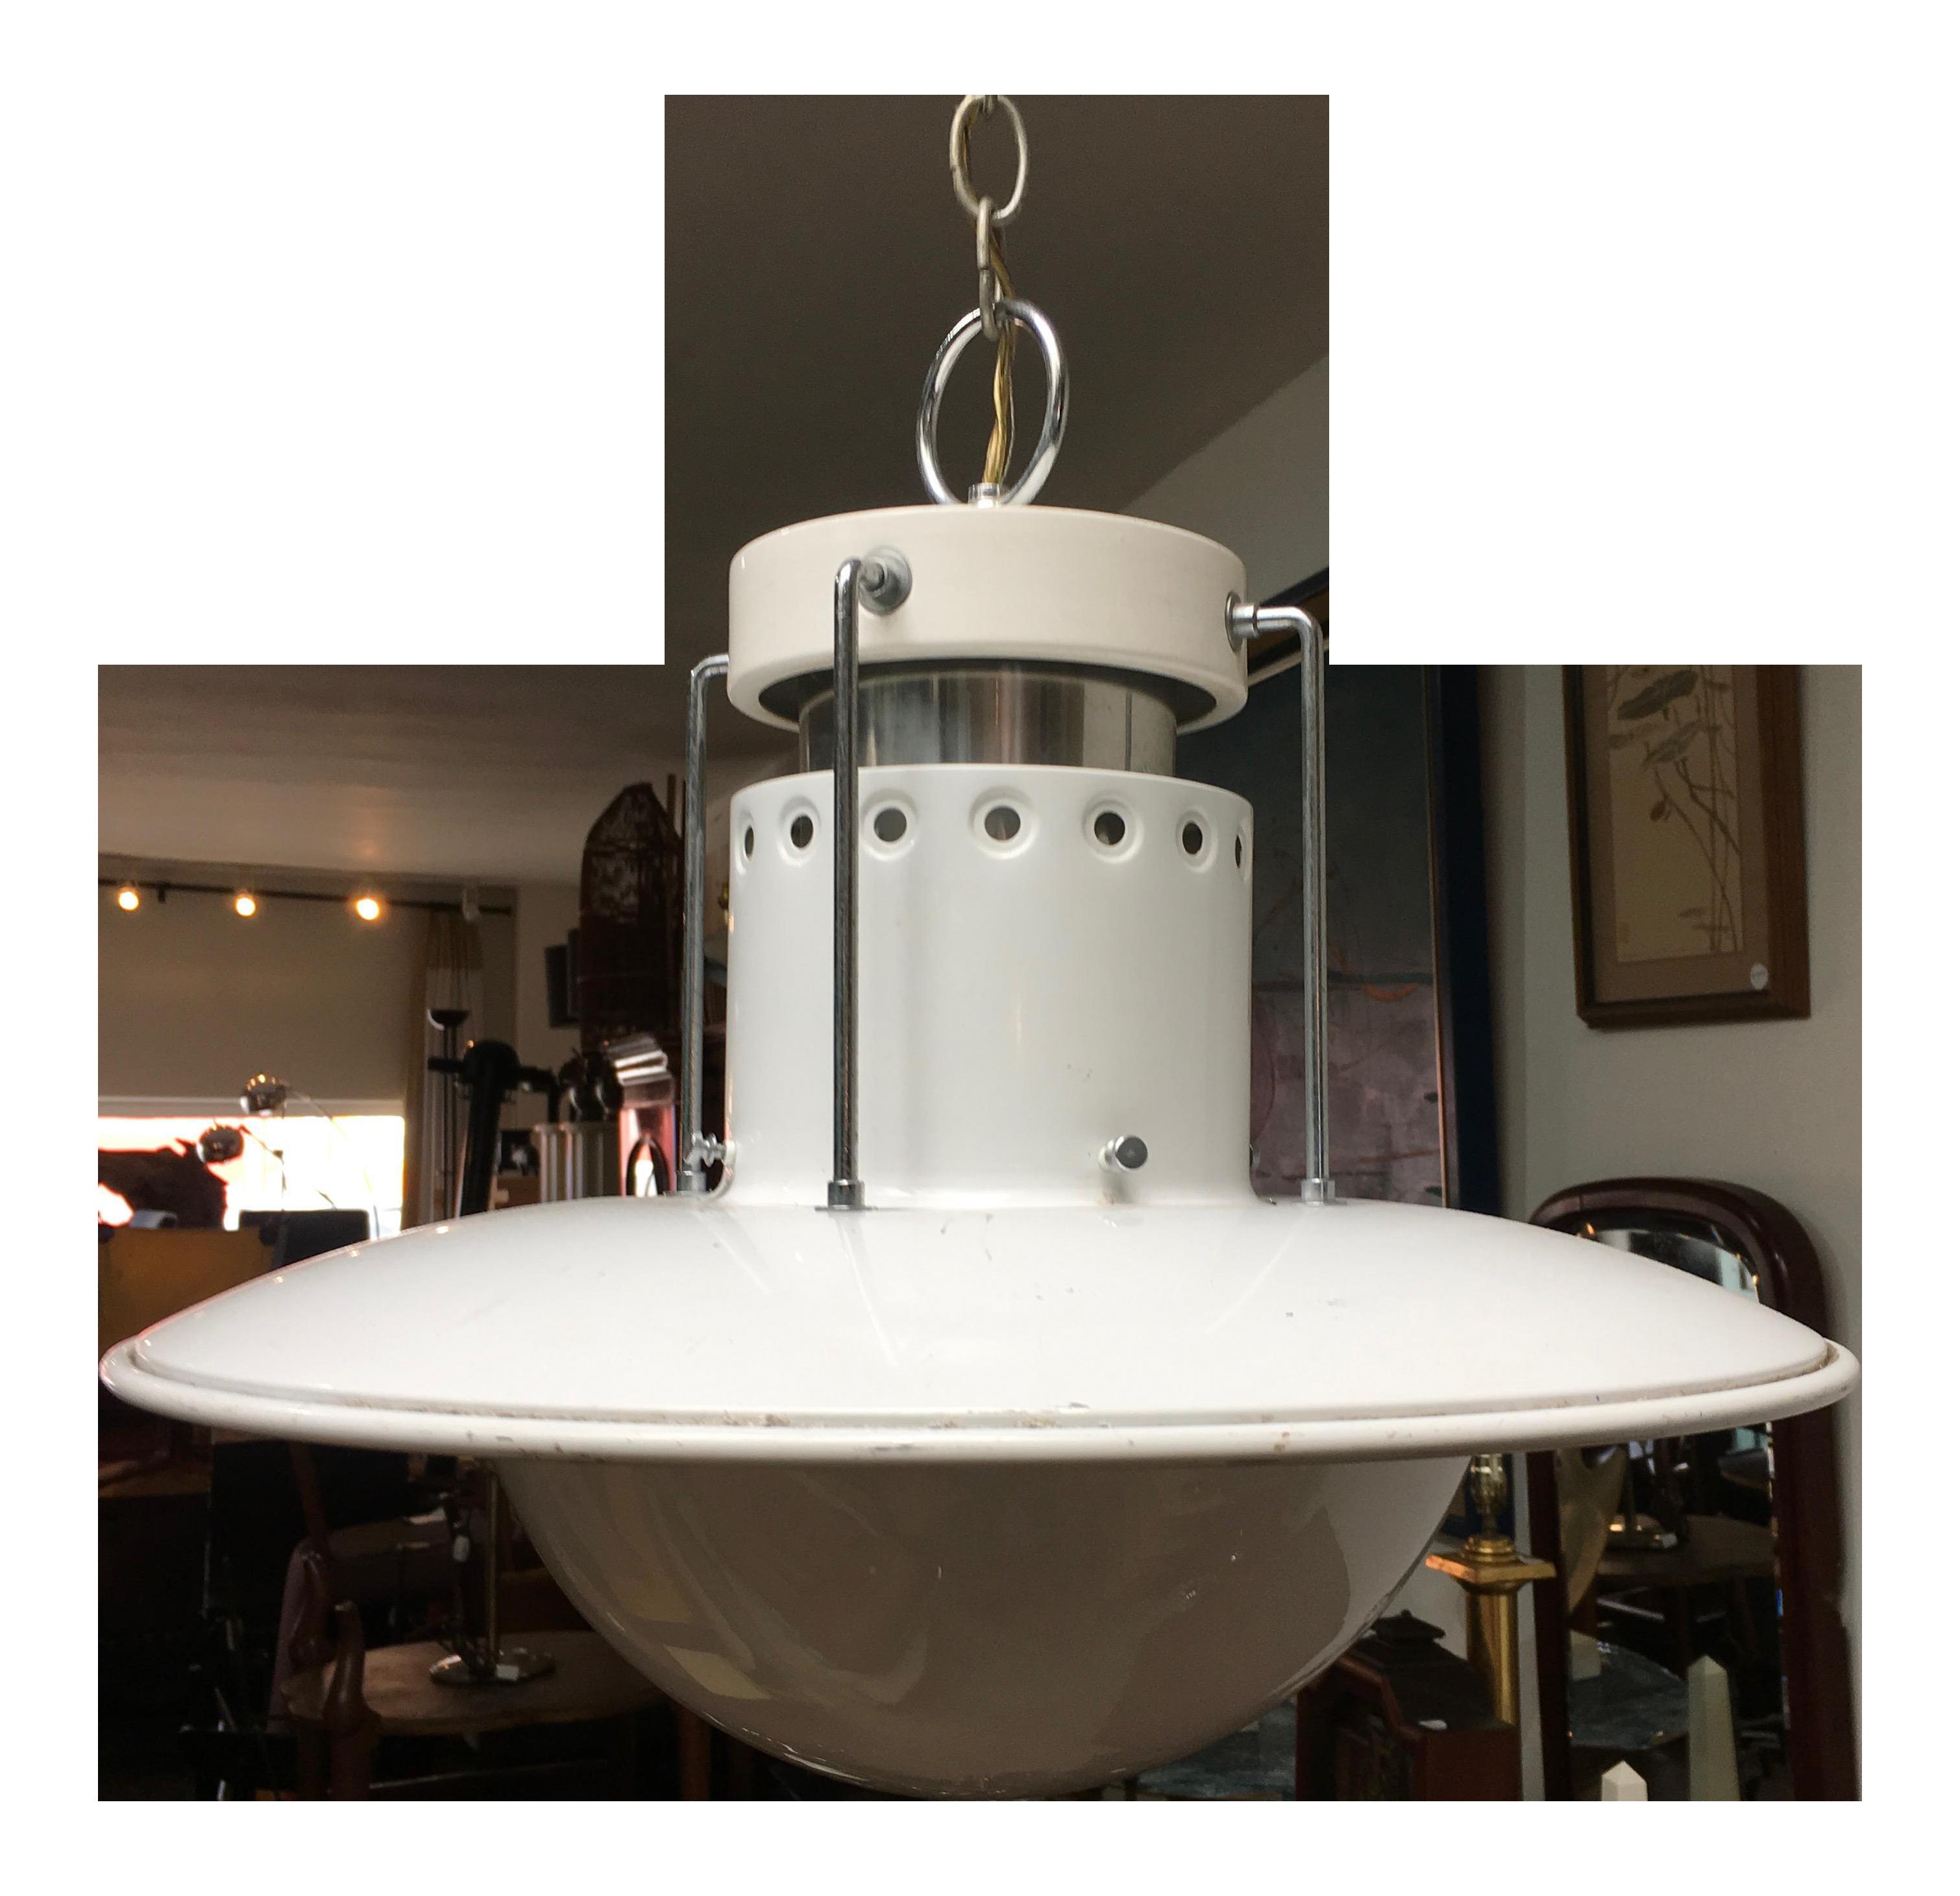 Ae Design Forecast Lighting White Pendant Chandelier Light